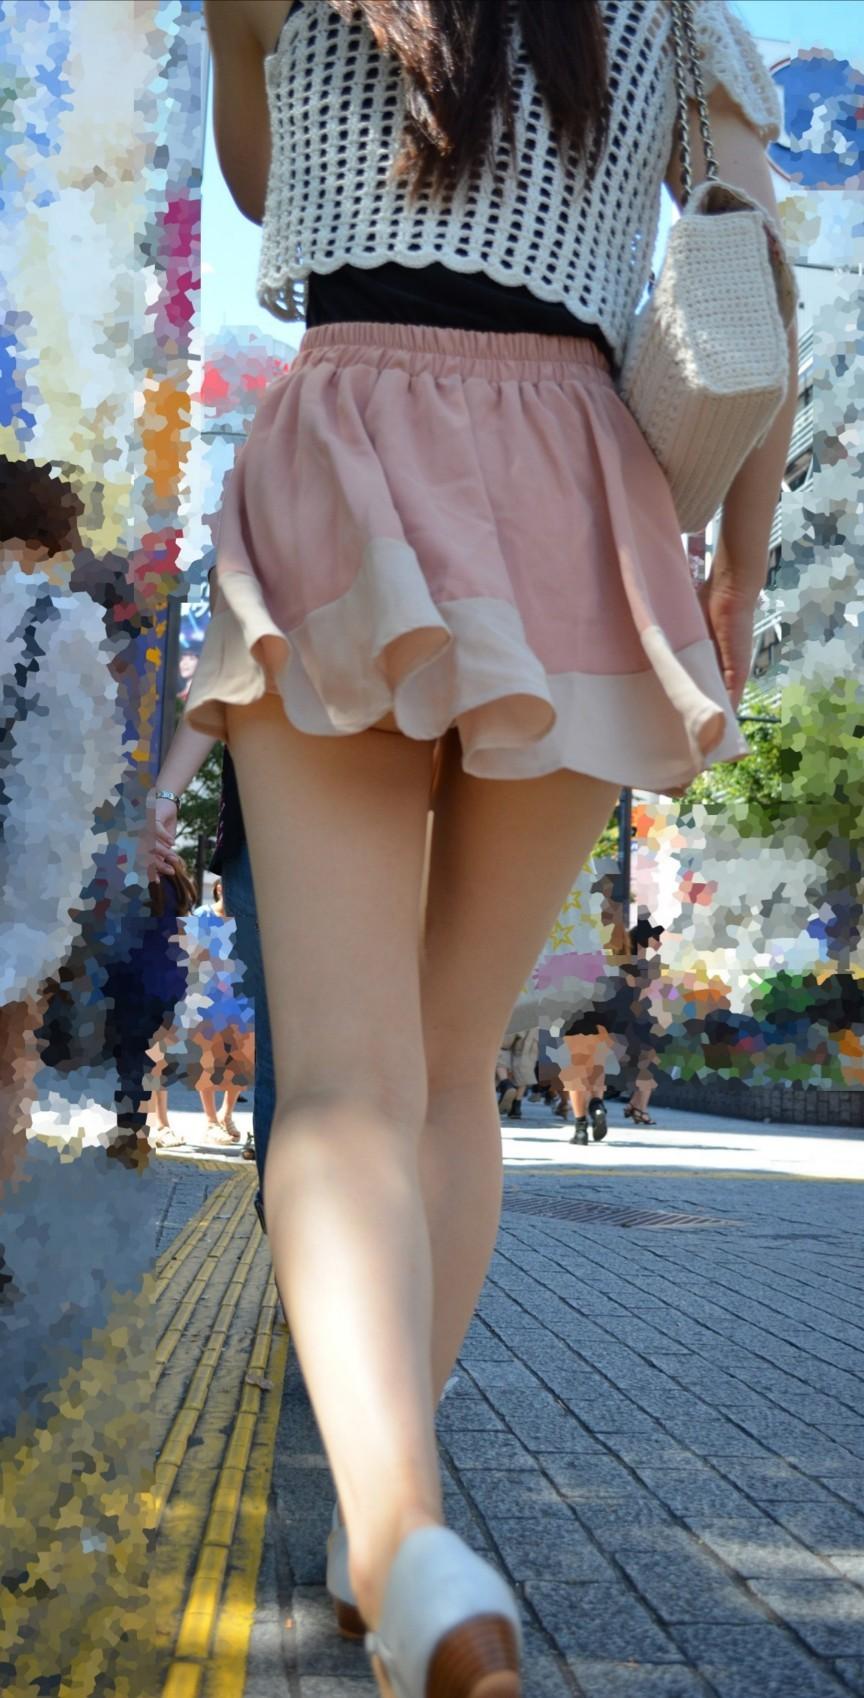 【美脚フェチエロ画像】大胆ミニスカ美脚ギャルの後ろ姿にそそられる…チンピクするほど脚の綺麗な街撮り画像 その4